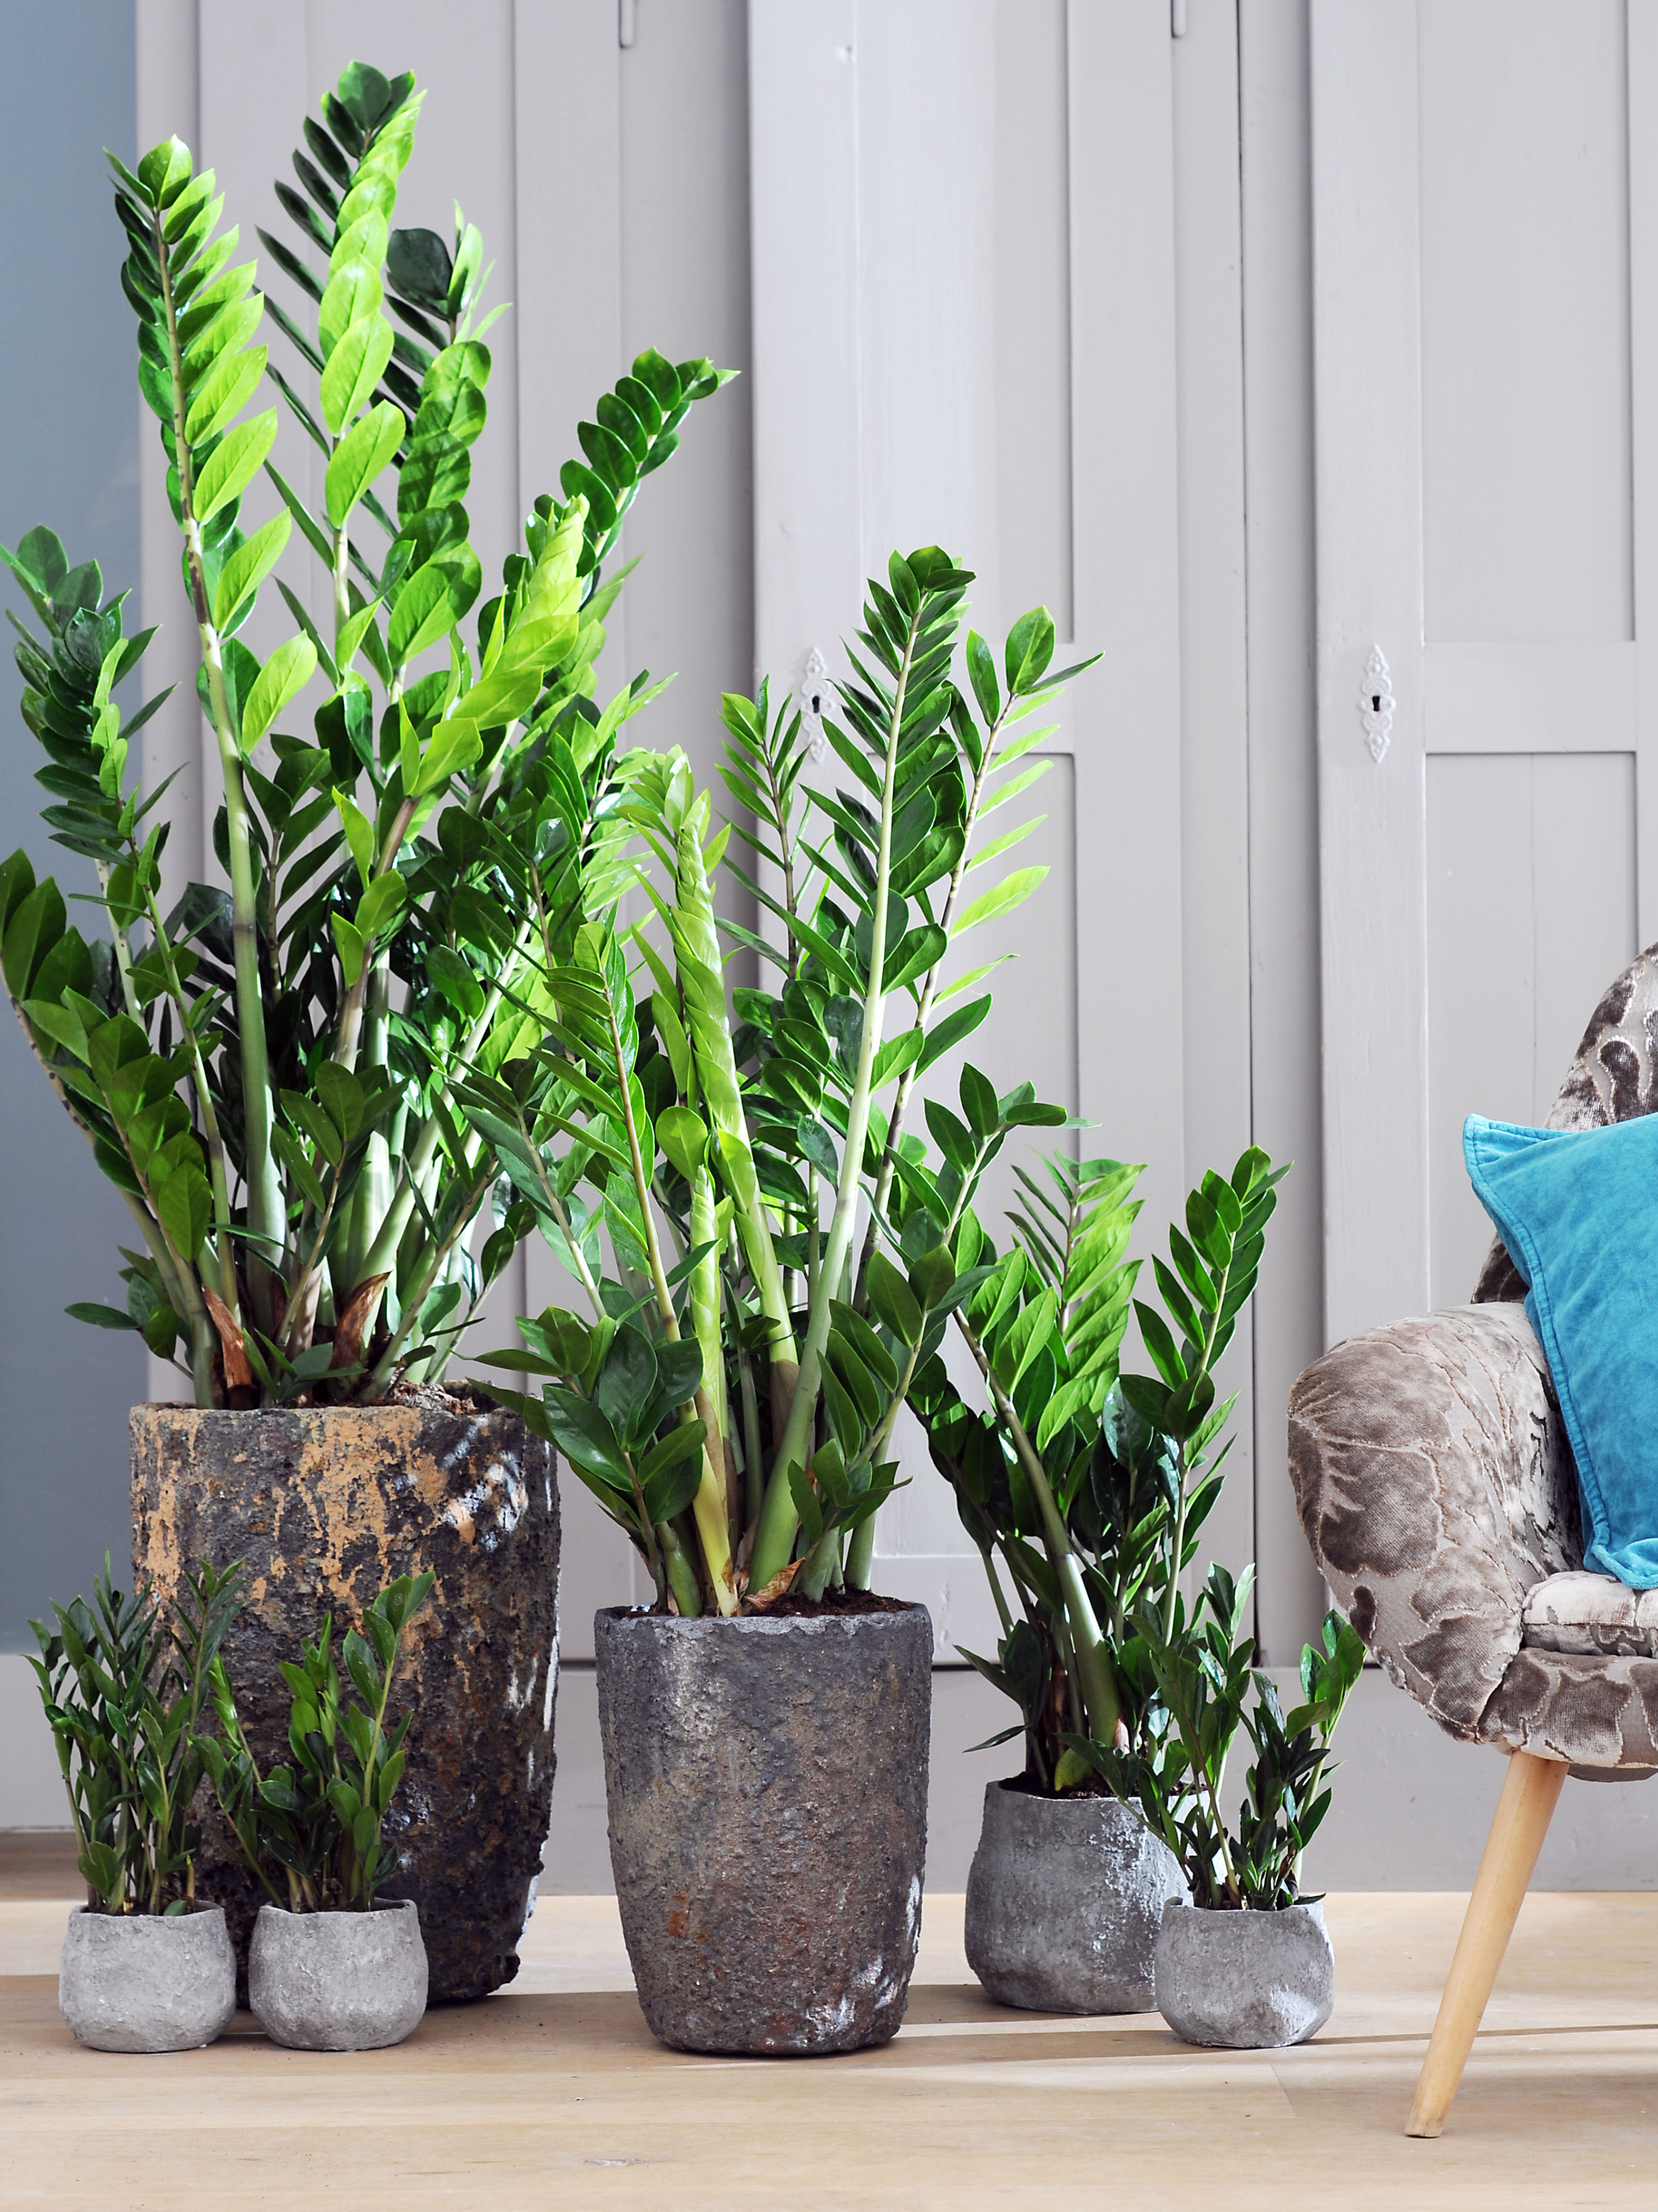 D perfecte pot voor je plant mooi wat planten doen for Grote kamerplanten